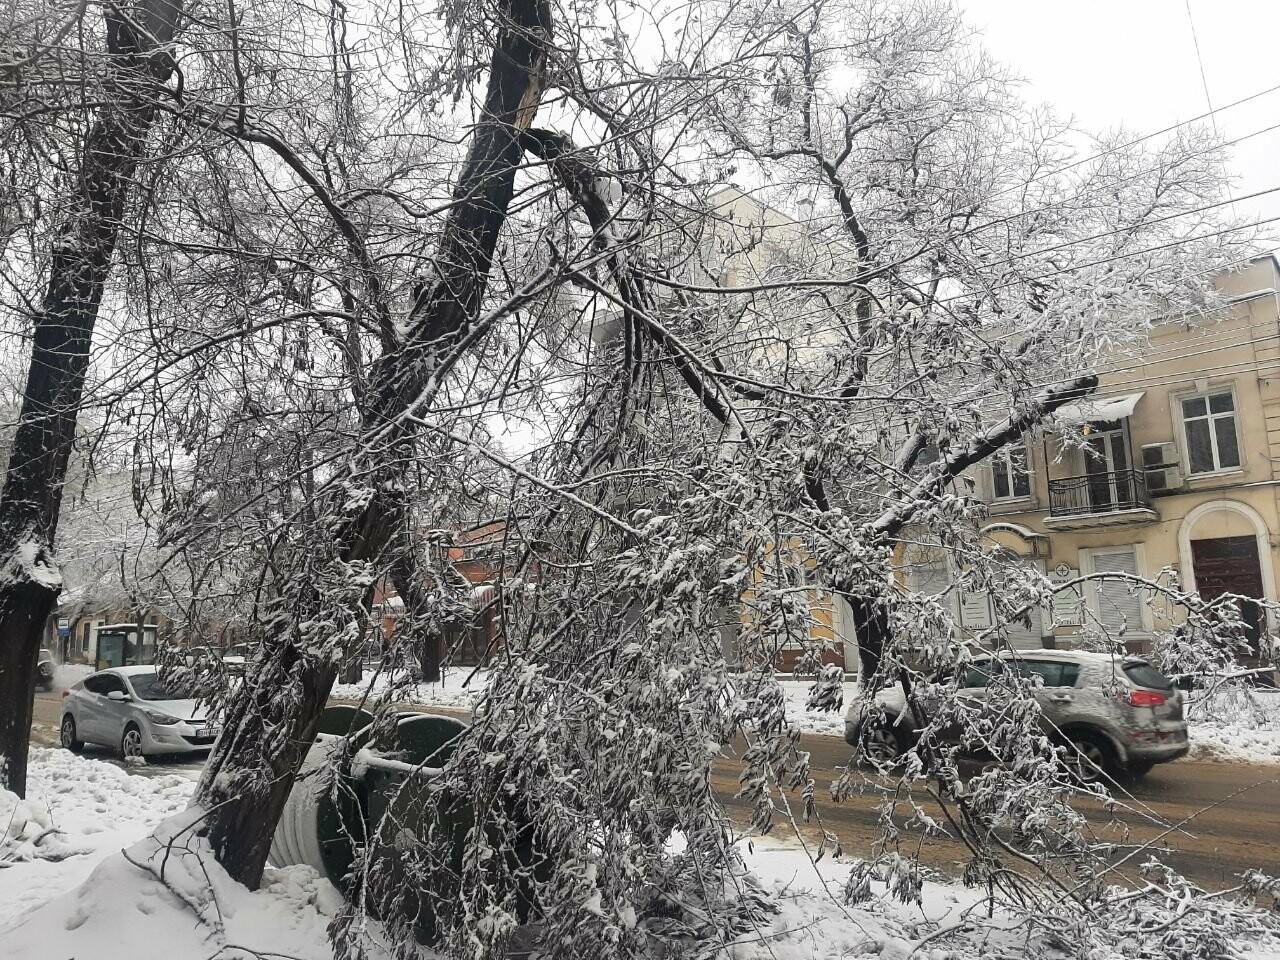 Последствия непогоды в Одессе, - ФОТОРЕПОРТАЖ, фото-2626